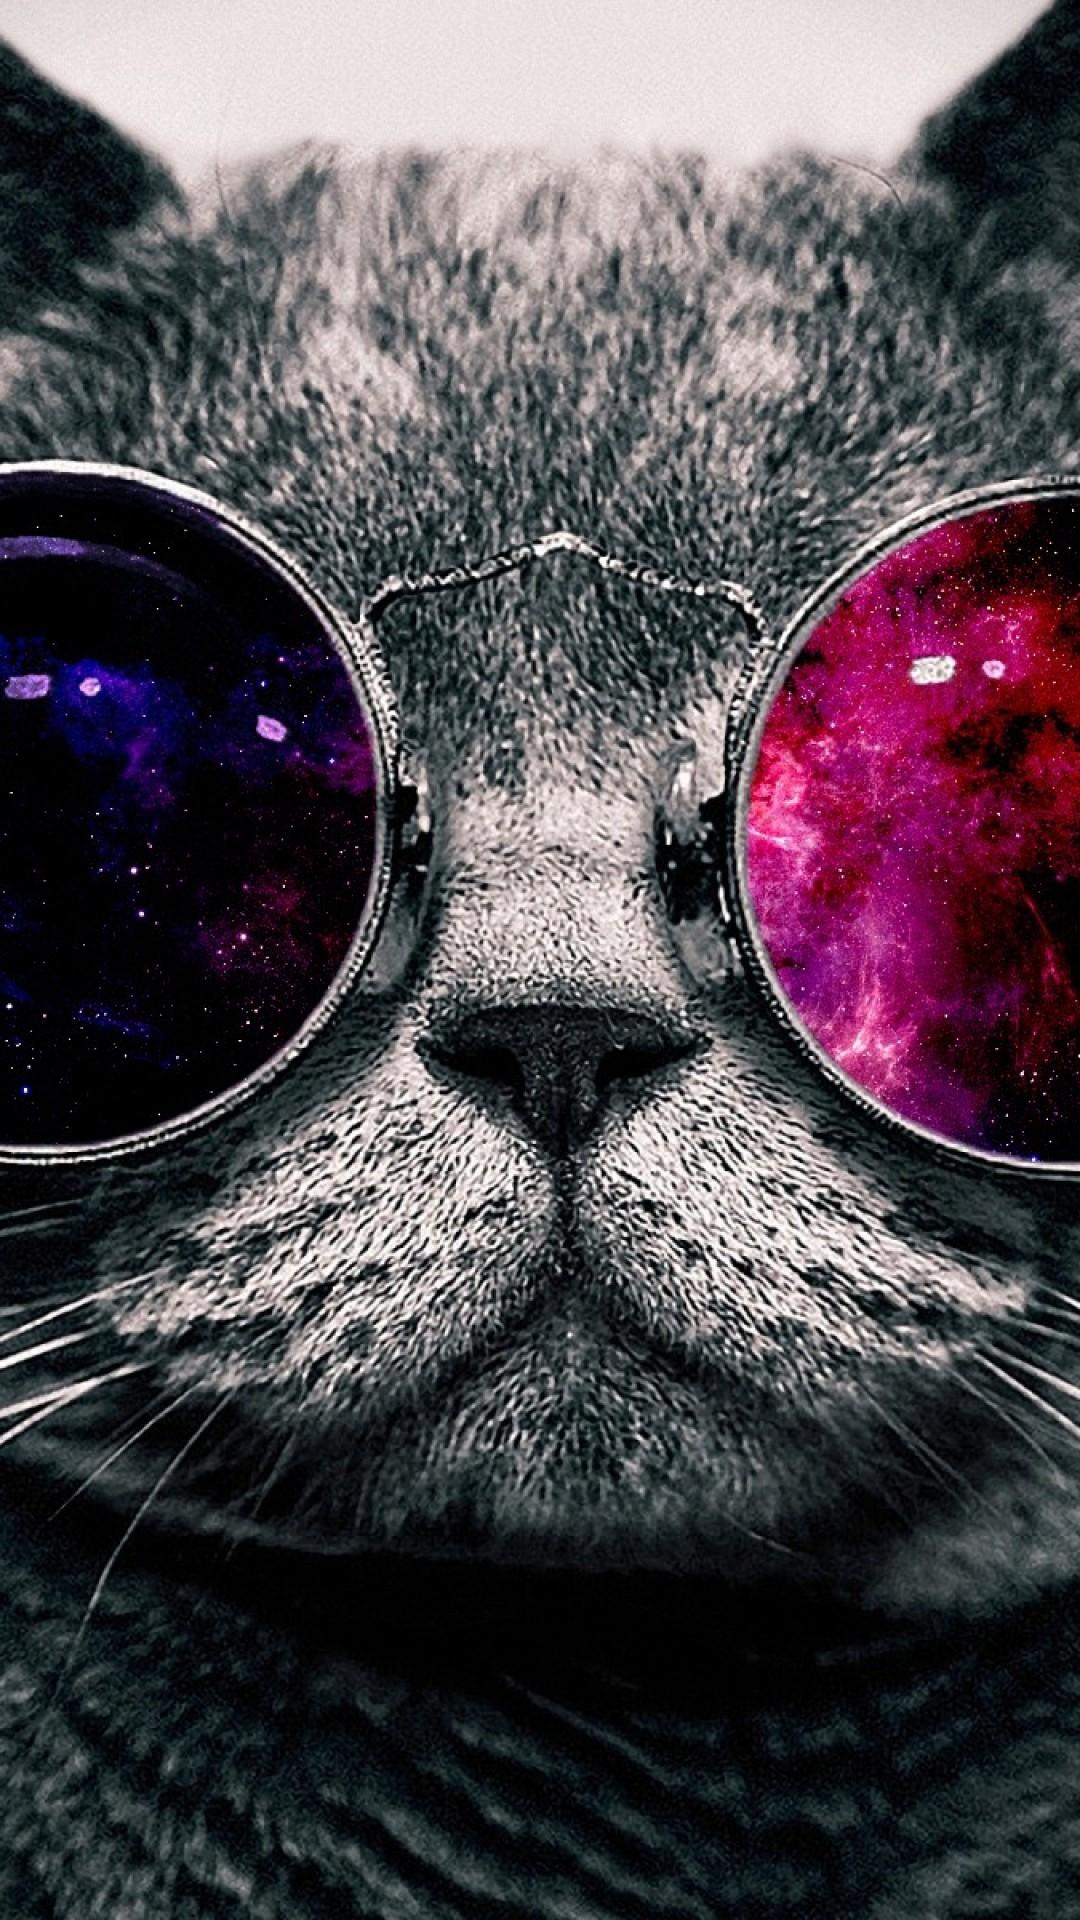 サングラスをかけた猫 Iphone Wallpapers